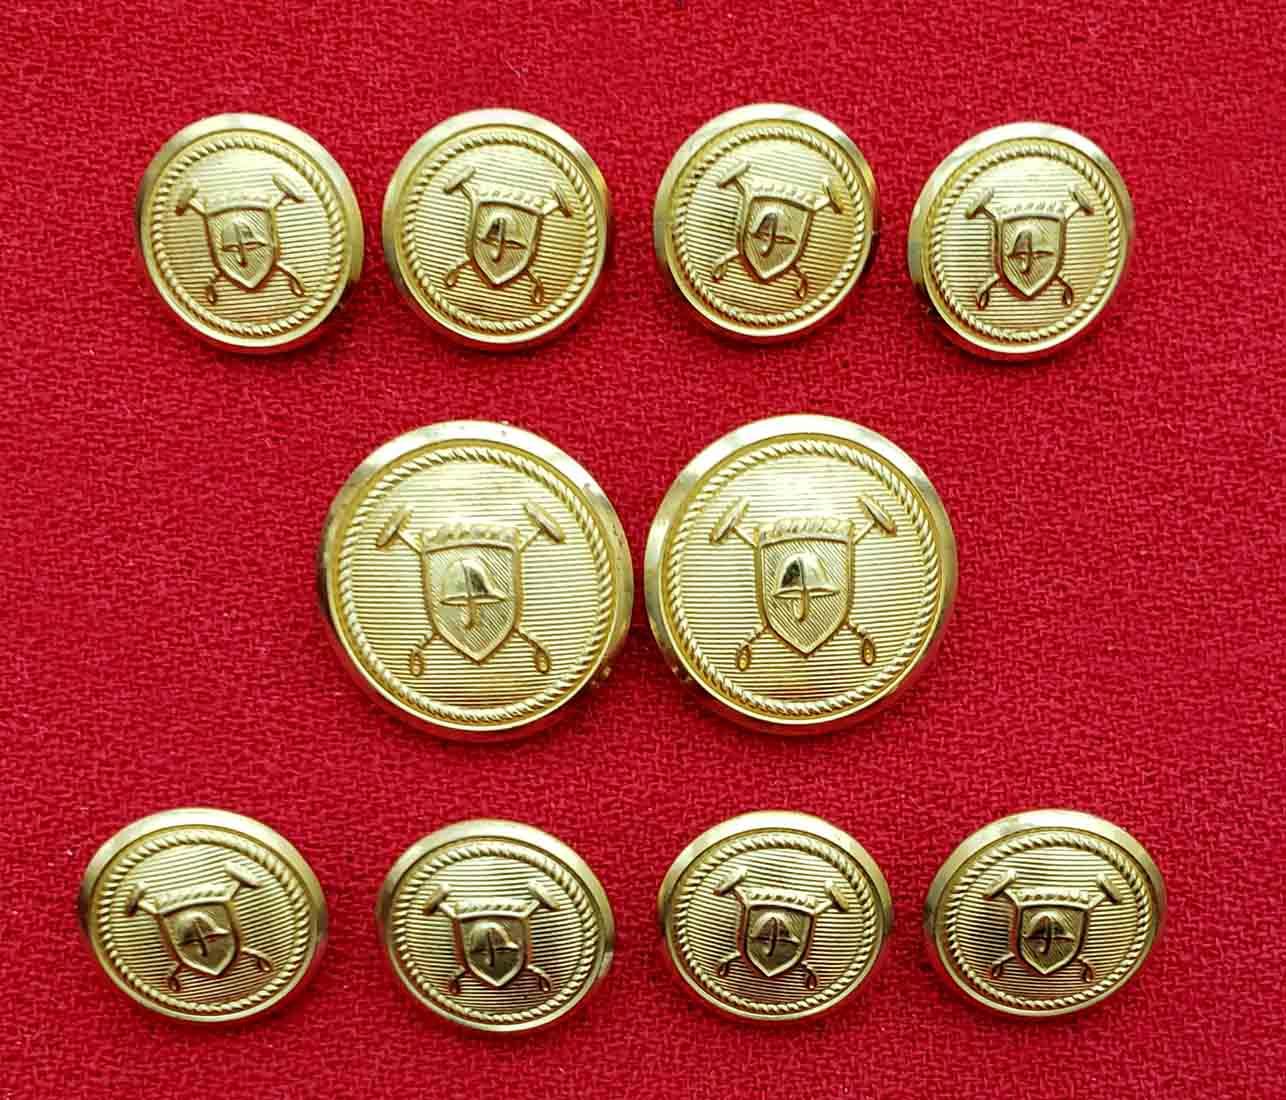 Polo Ralph Lauren by Waterbury Blazer Buttons Set Gold Brass Shank Men's